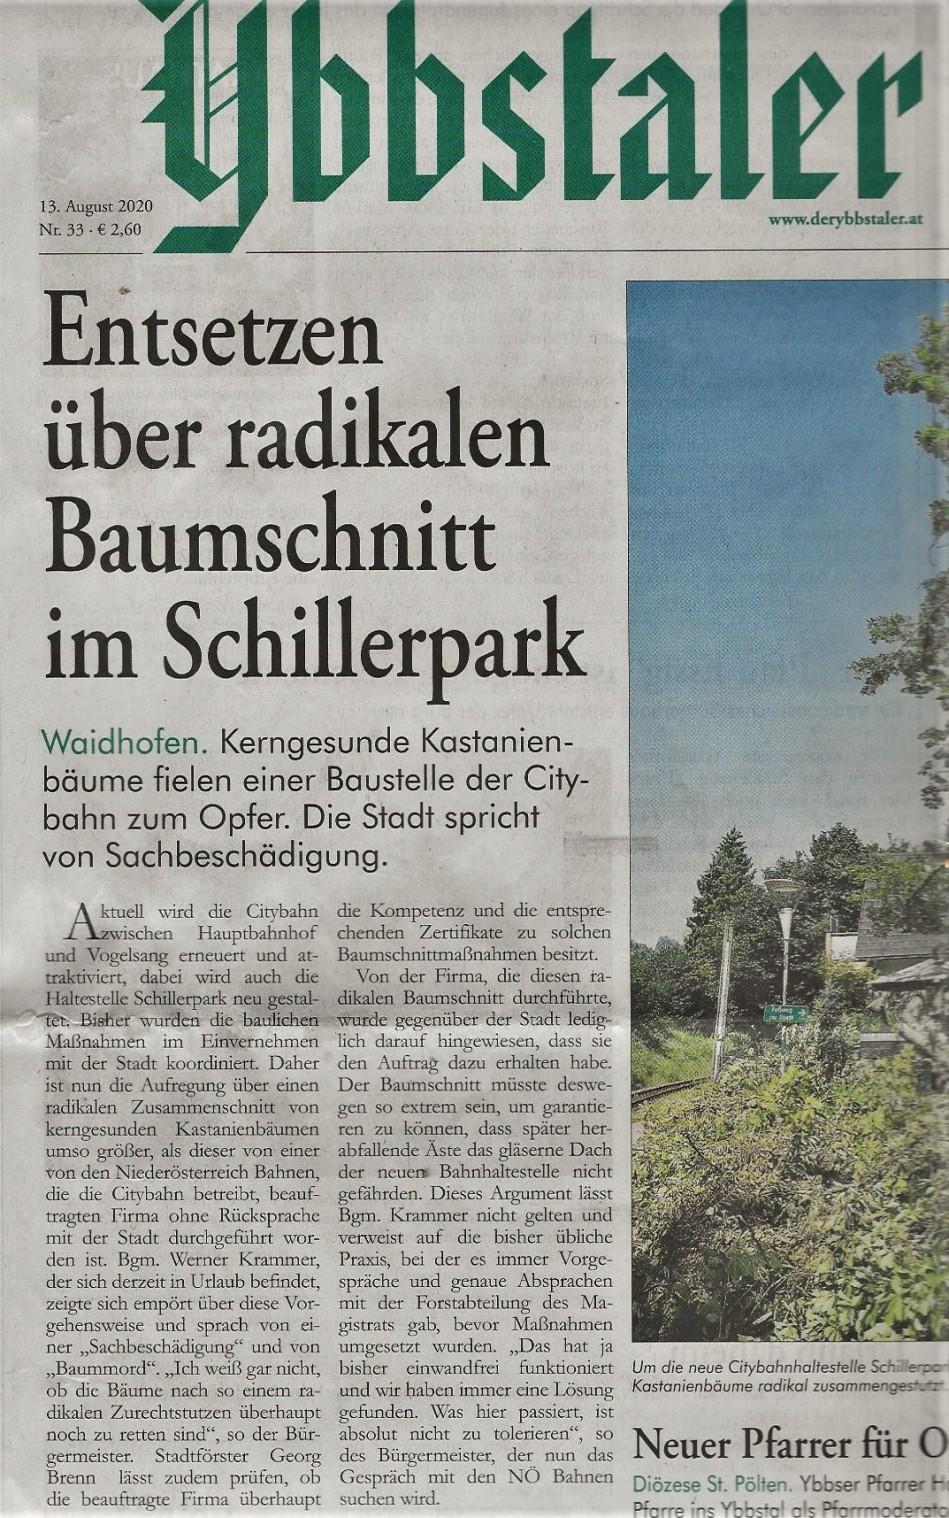 Ybbstaler Bäume 13.8.2020 Citybahn